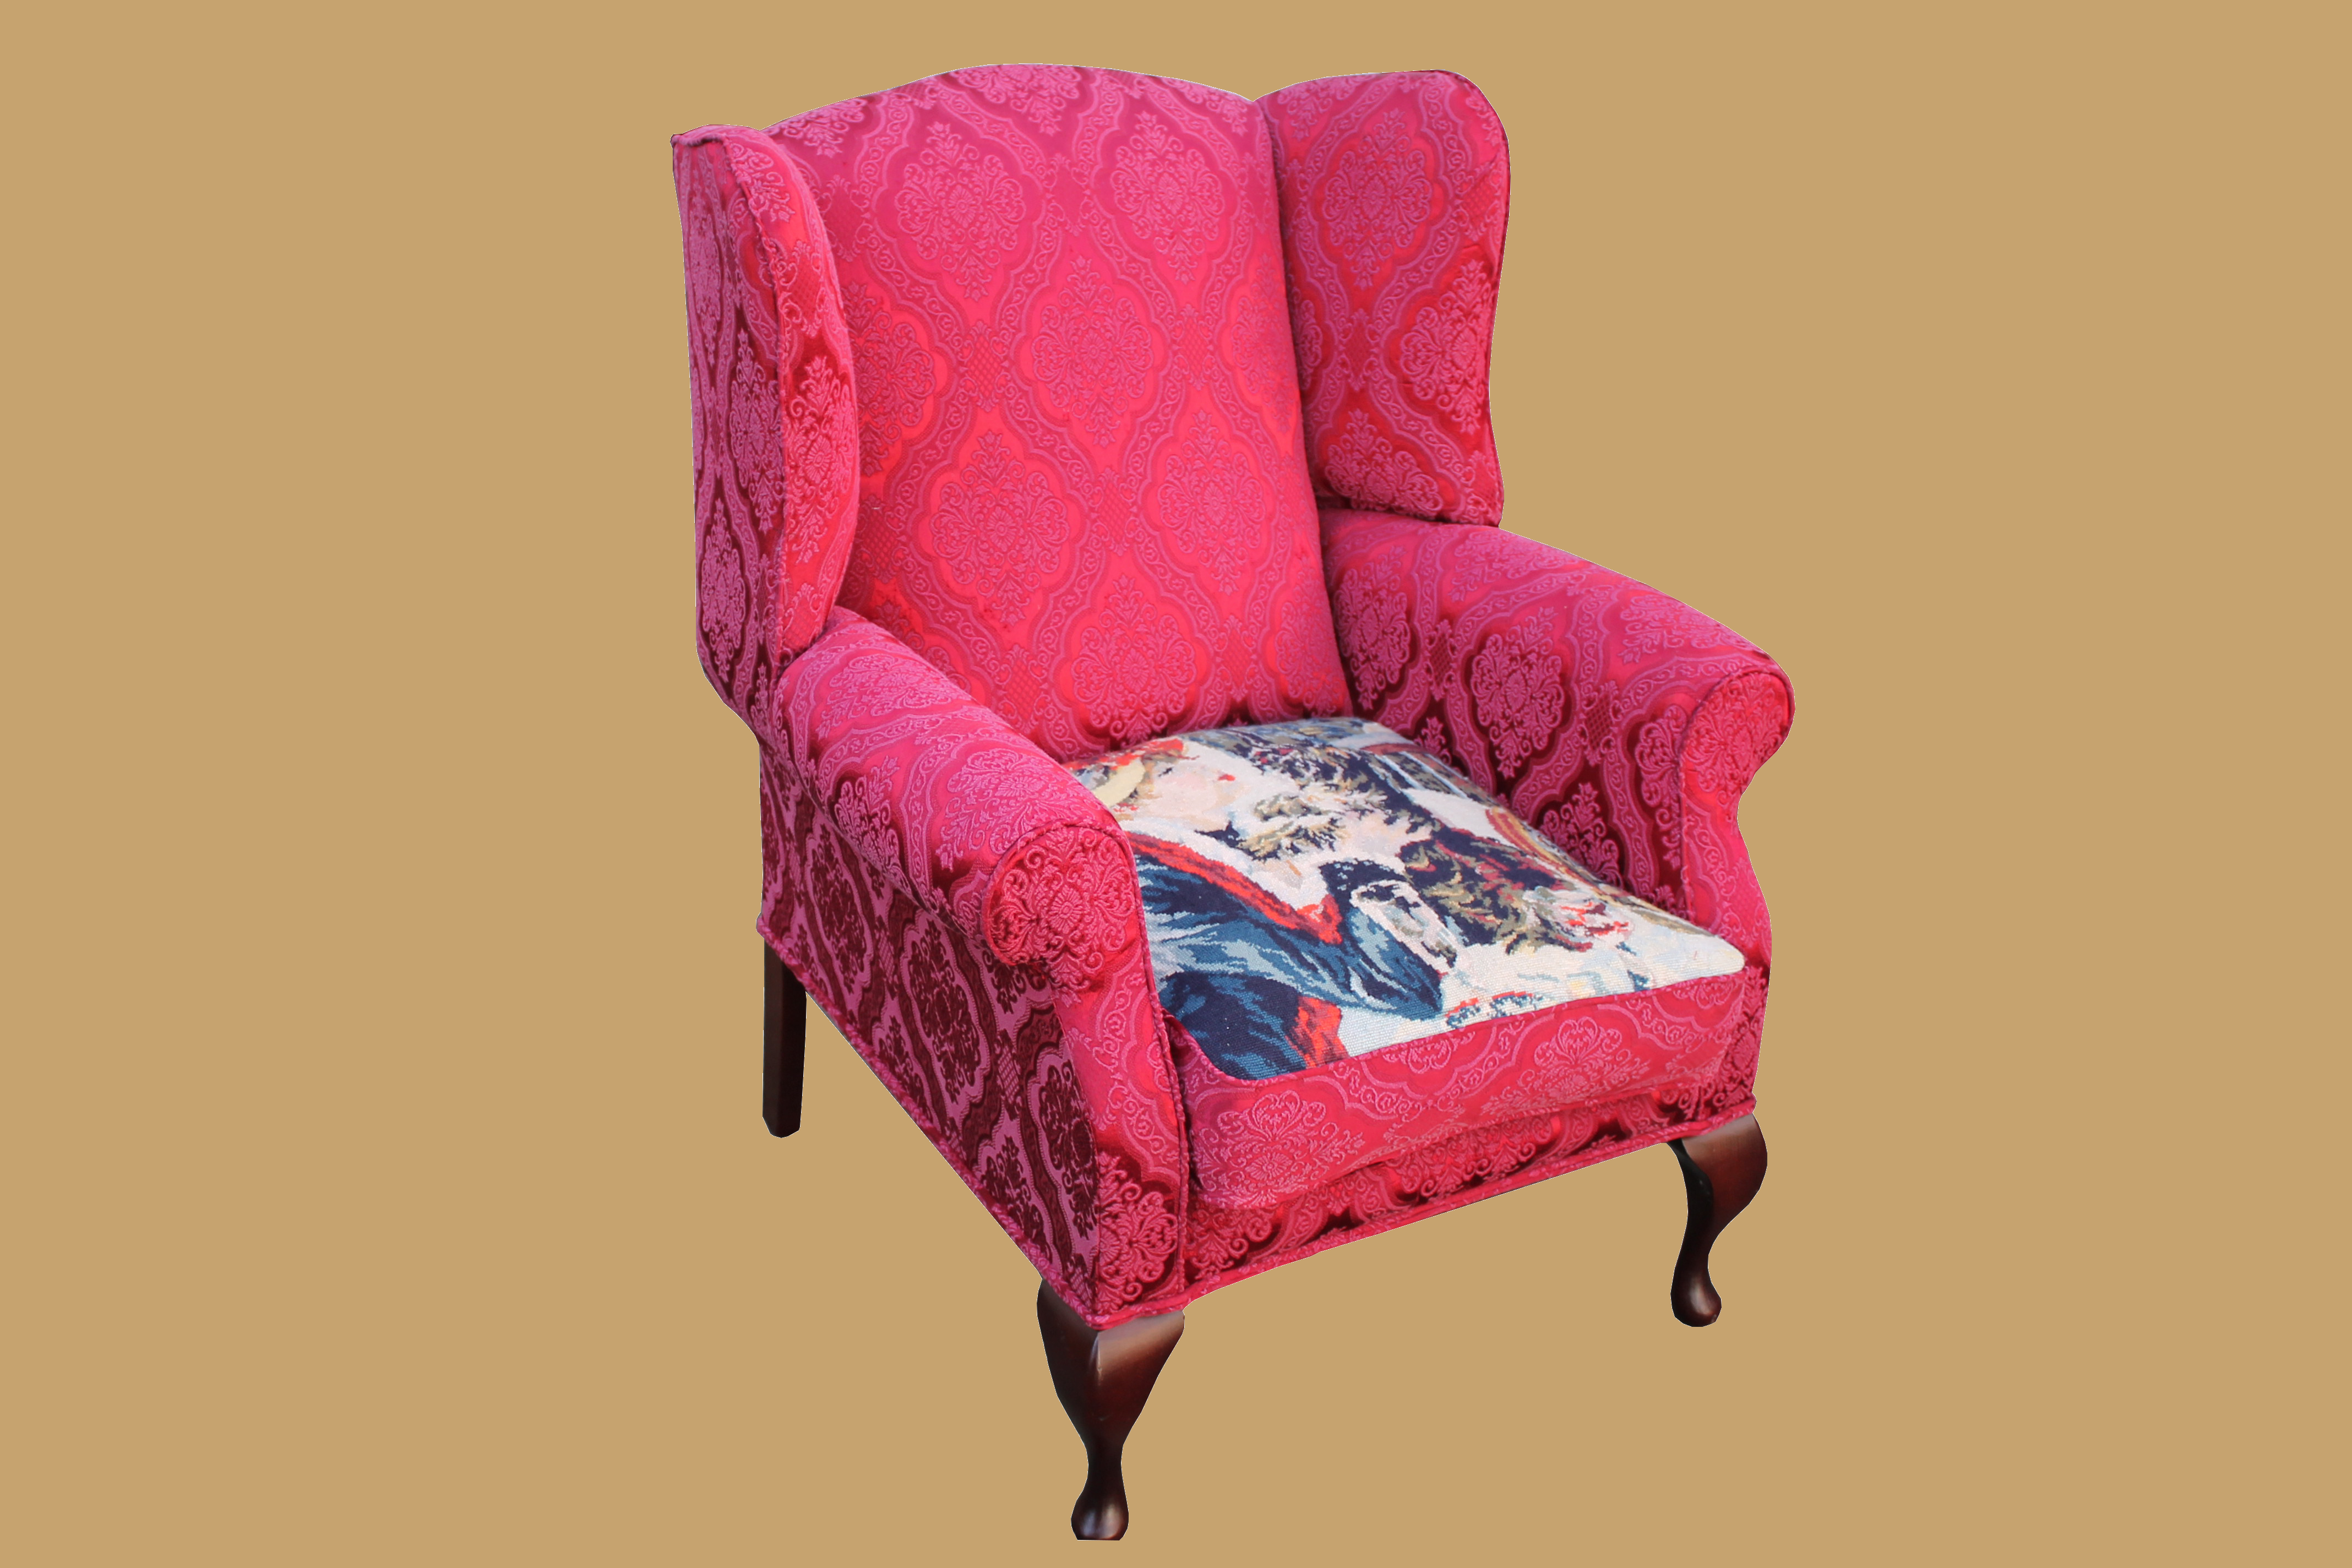 Möbel | eXpress Autosattlerei